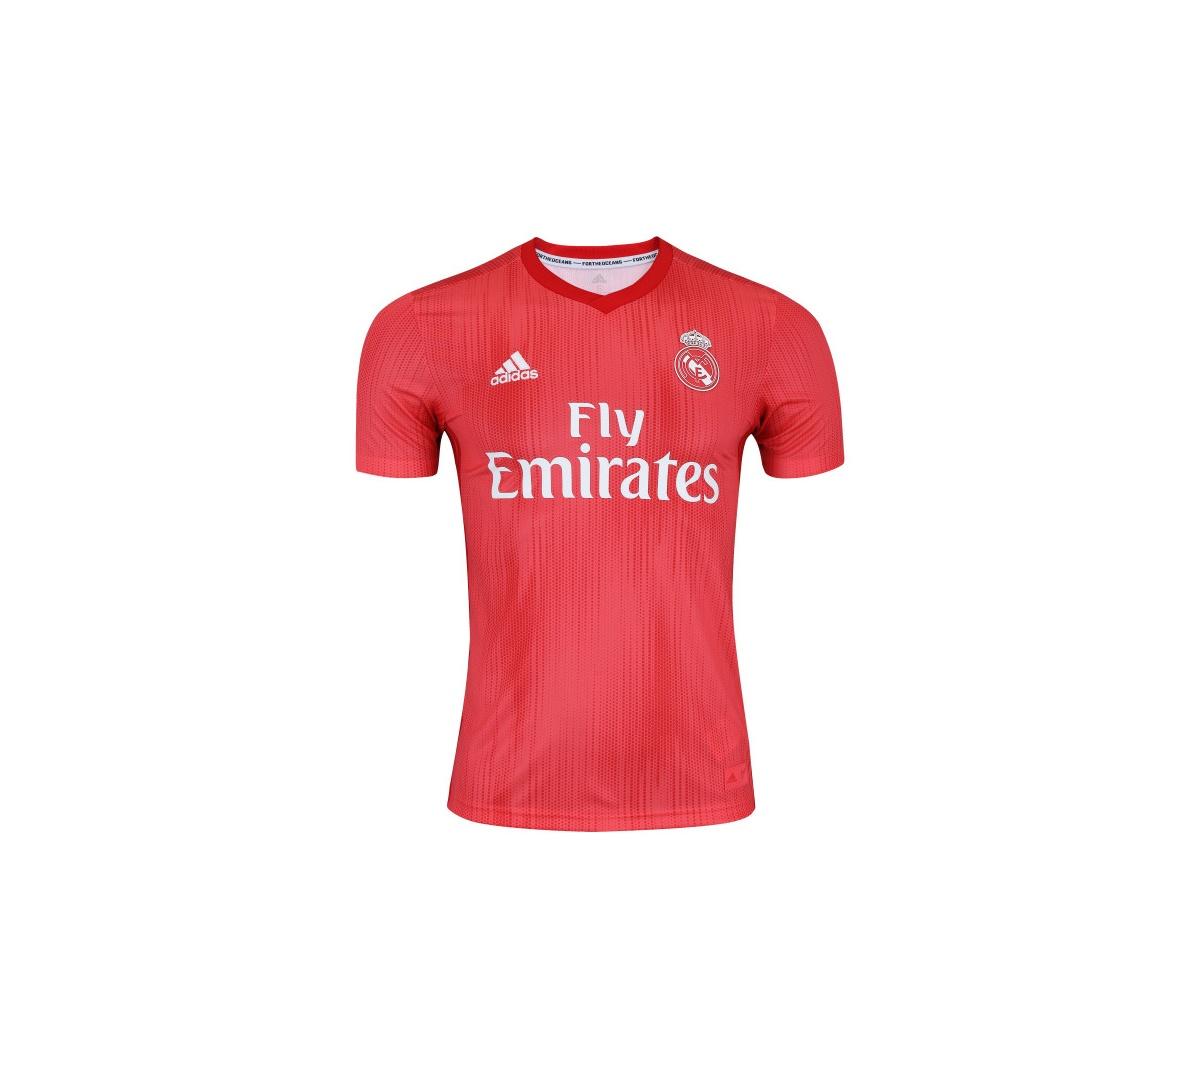 Camisa Adidas Real Madrid III Infantil 2018 19 - Mundo do Futebol c476e7512640a